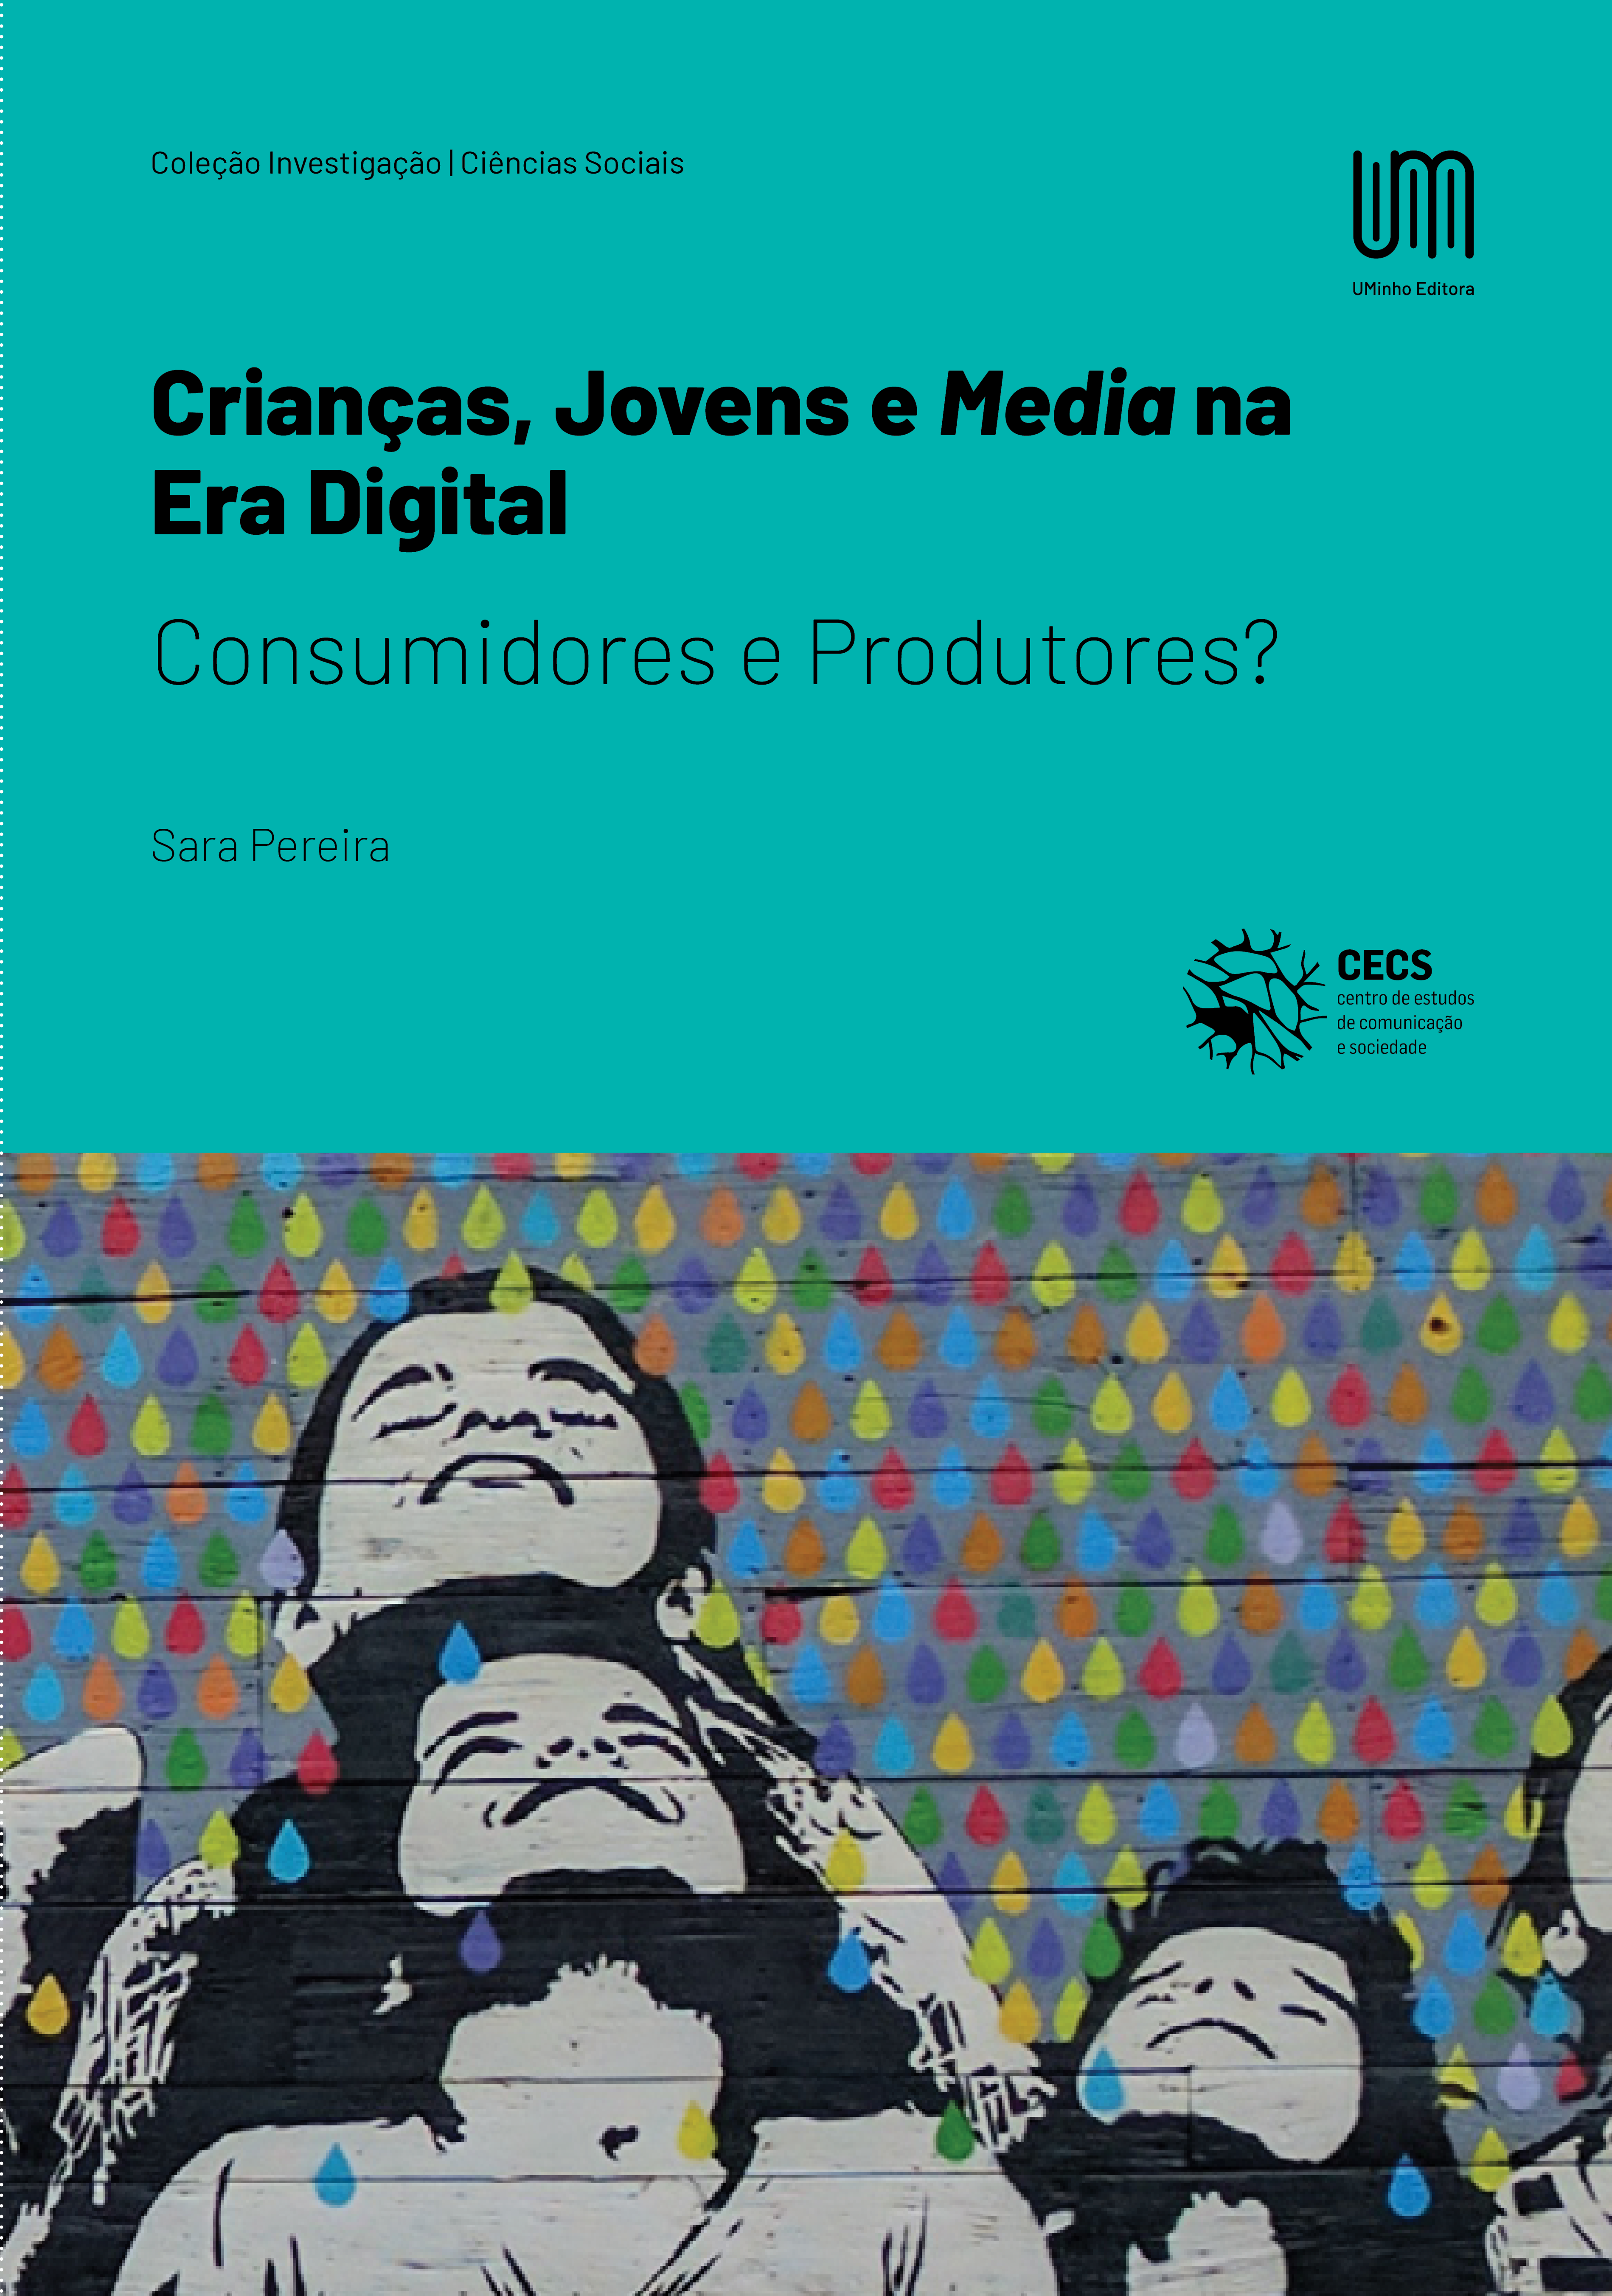 Nova publicação: Crianças, Jovens e Media na Era Digital: Consumidores e Produtores?